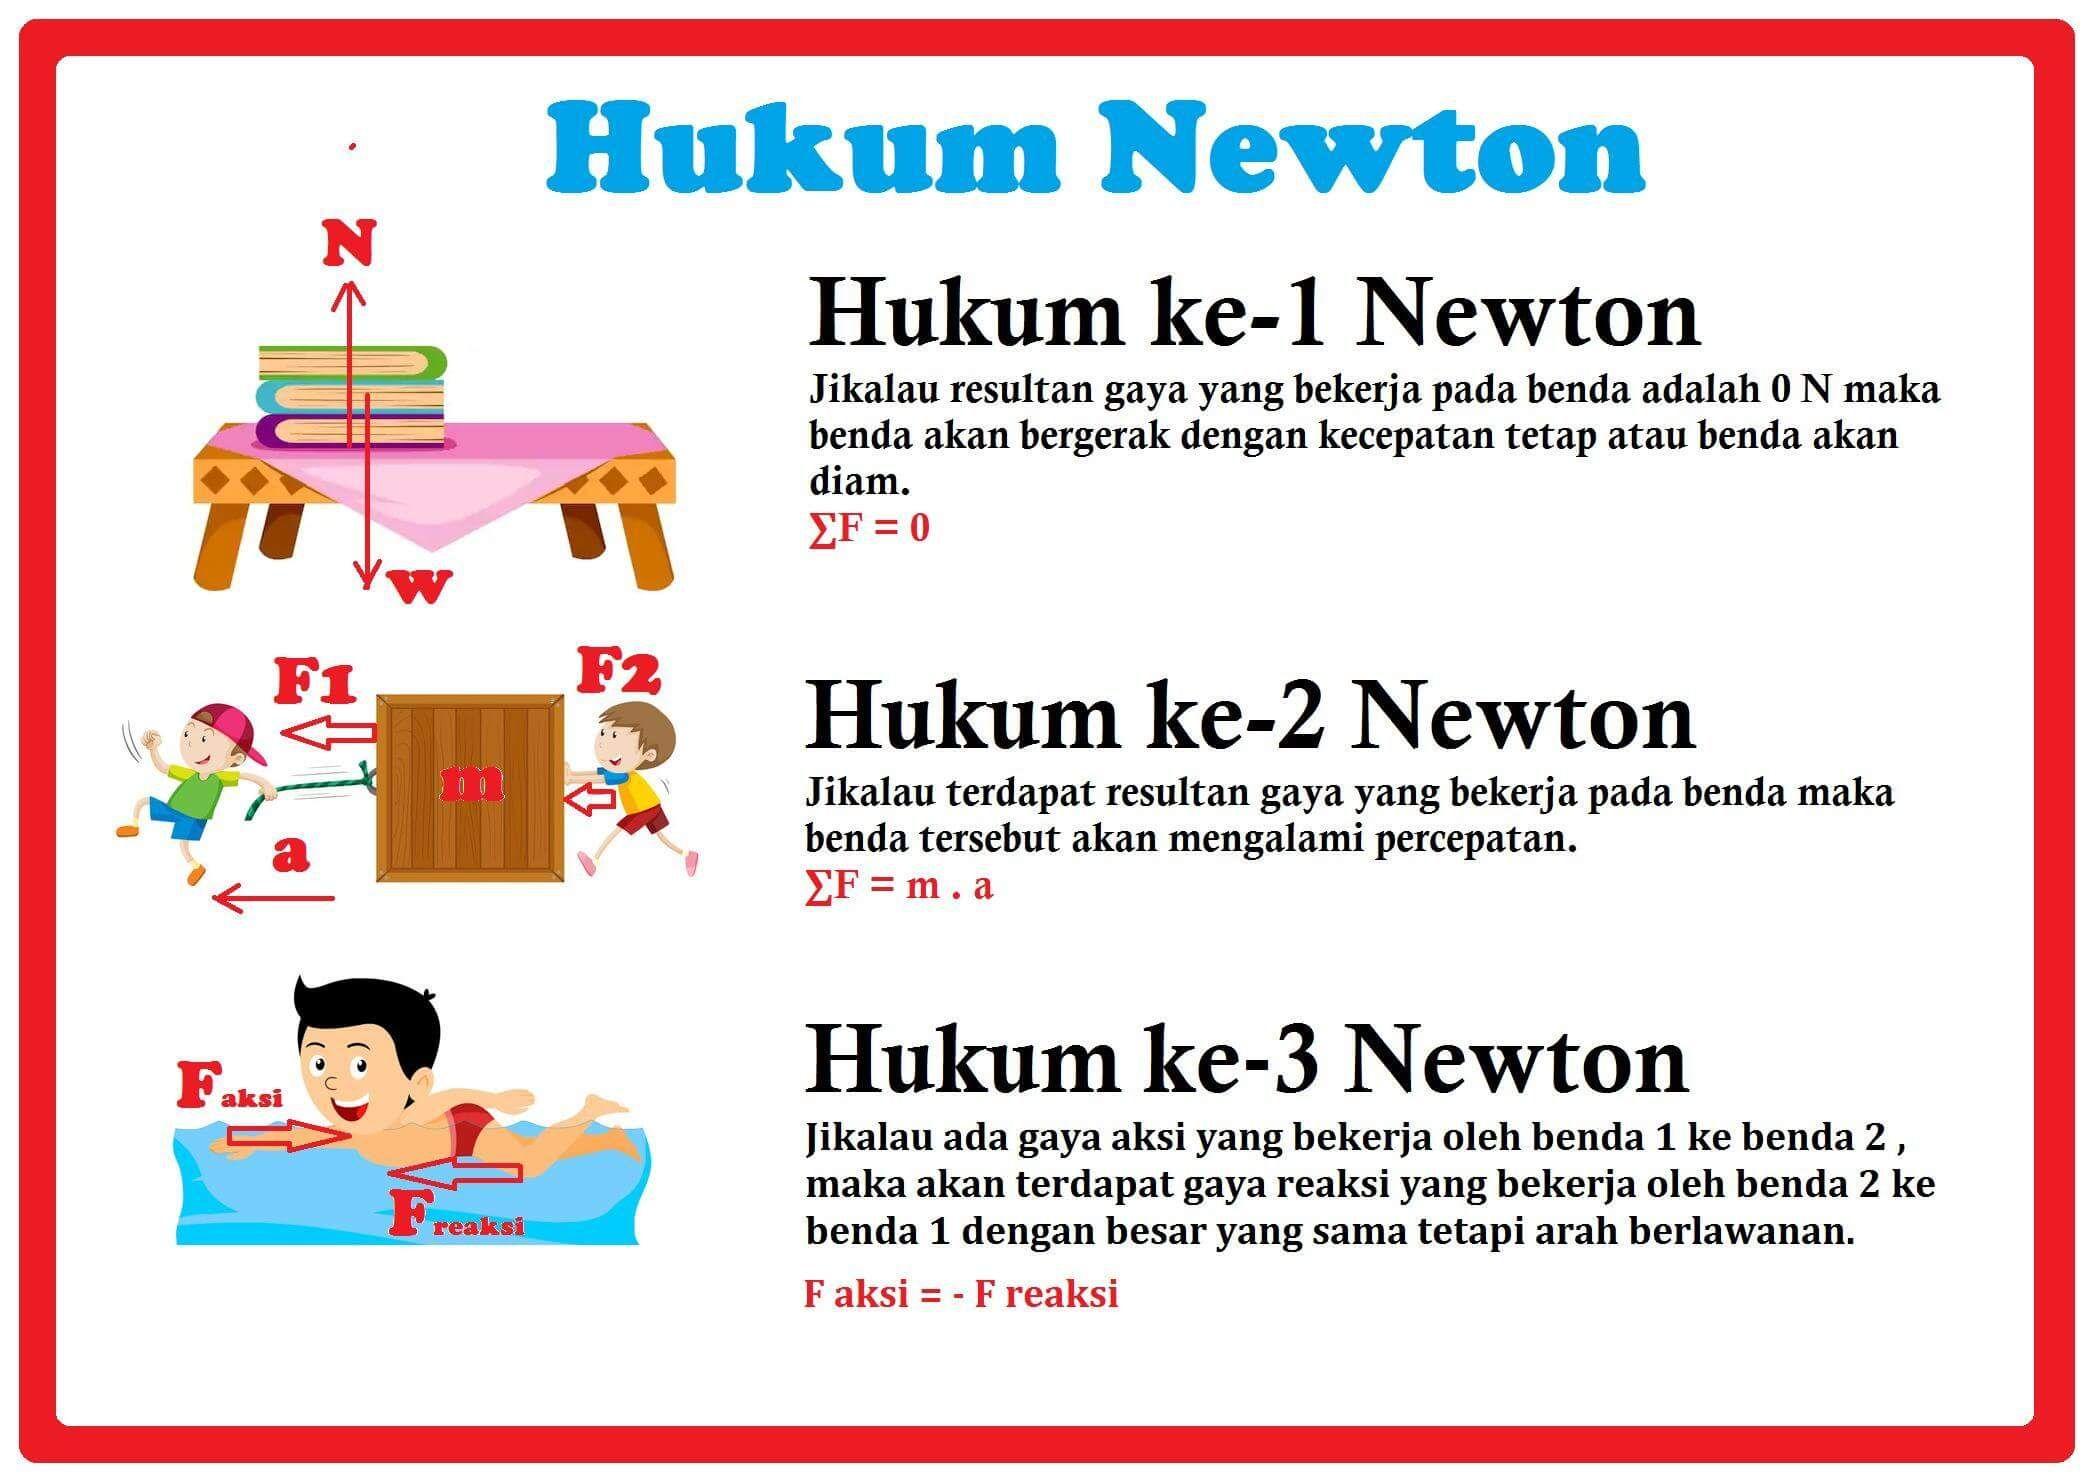 Hukum Newton 1 2 Dan 3 Pengertian Bunyi Rumus Contoh Soal Di 2020 Hukum Kalkulus Fisika